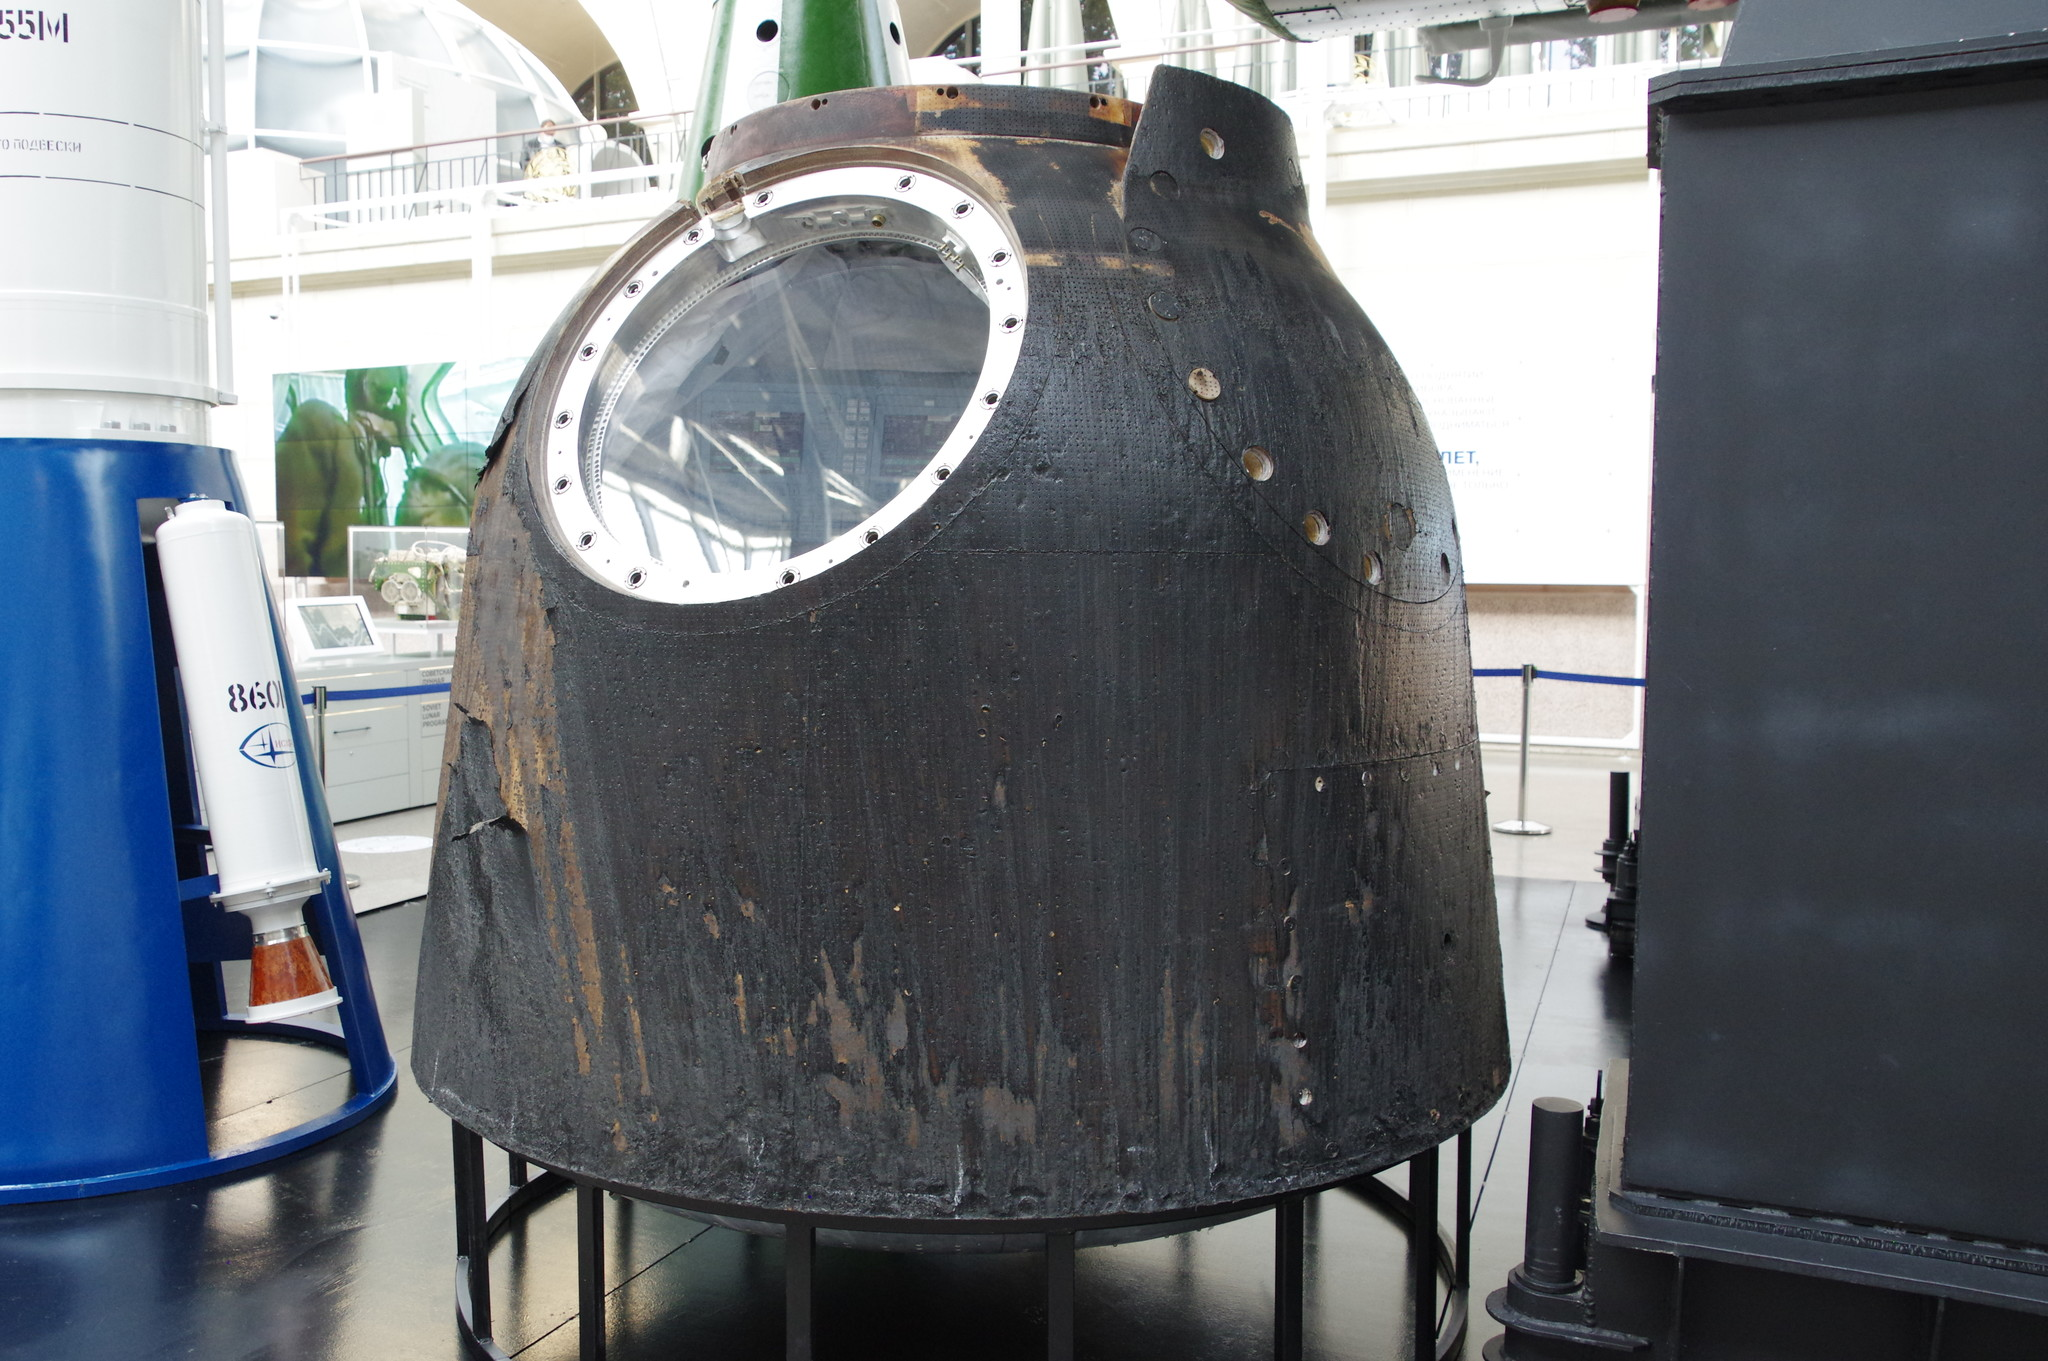 Спускаемый аппарат космического корабля «Союз ТМА». Натурный образец с макетом интерьера. Центр «Космонавтика и авиация» на ВДНХ